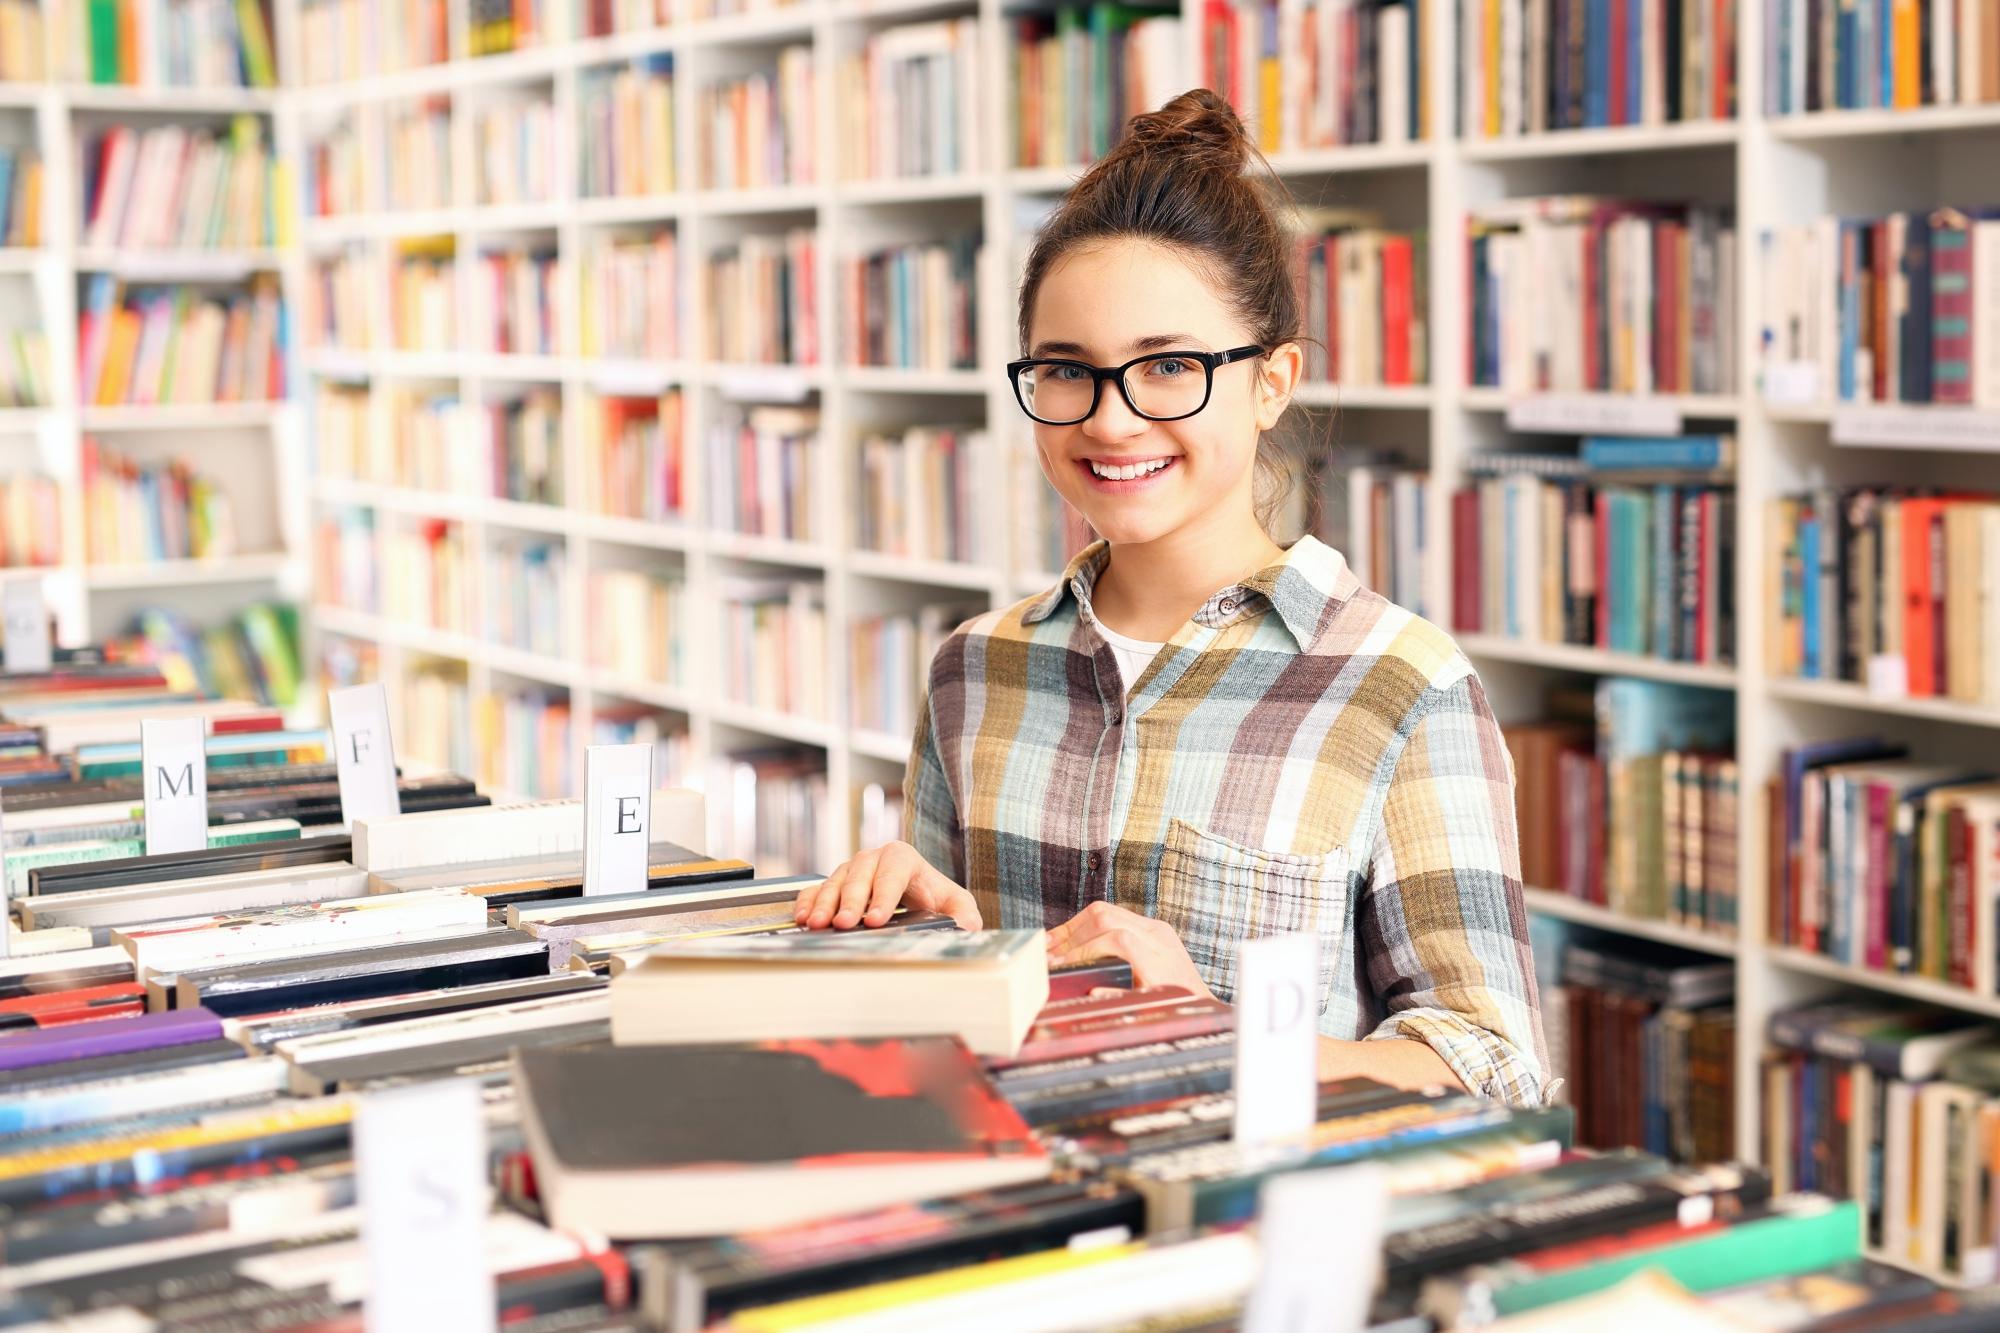 a10bc5dbb53 Concours assistant de conservation du patrimoine et des bibliothèques  principal de 2e classe - Interne